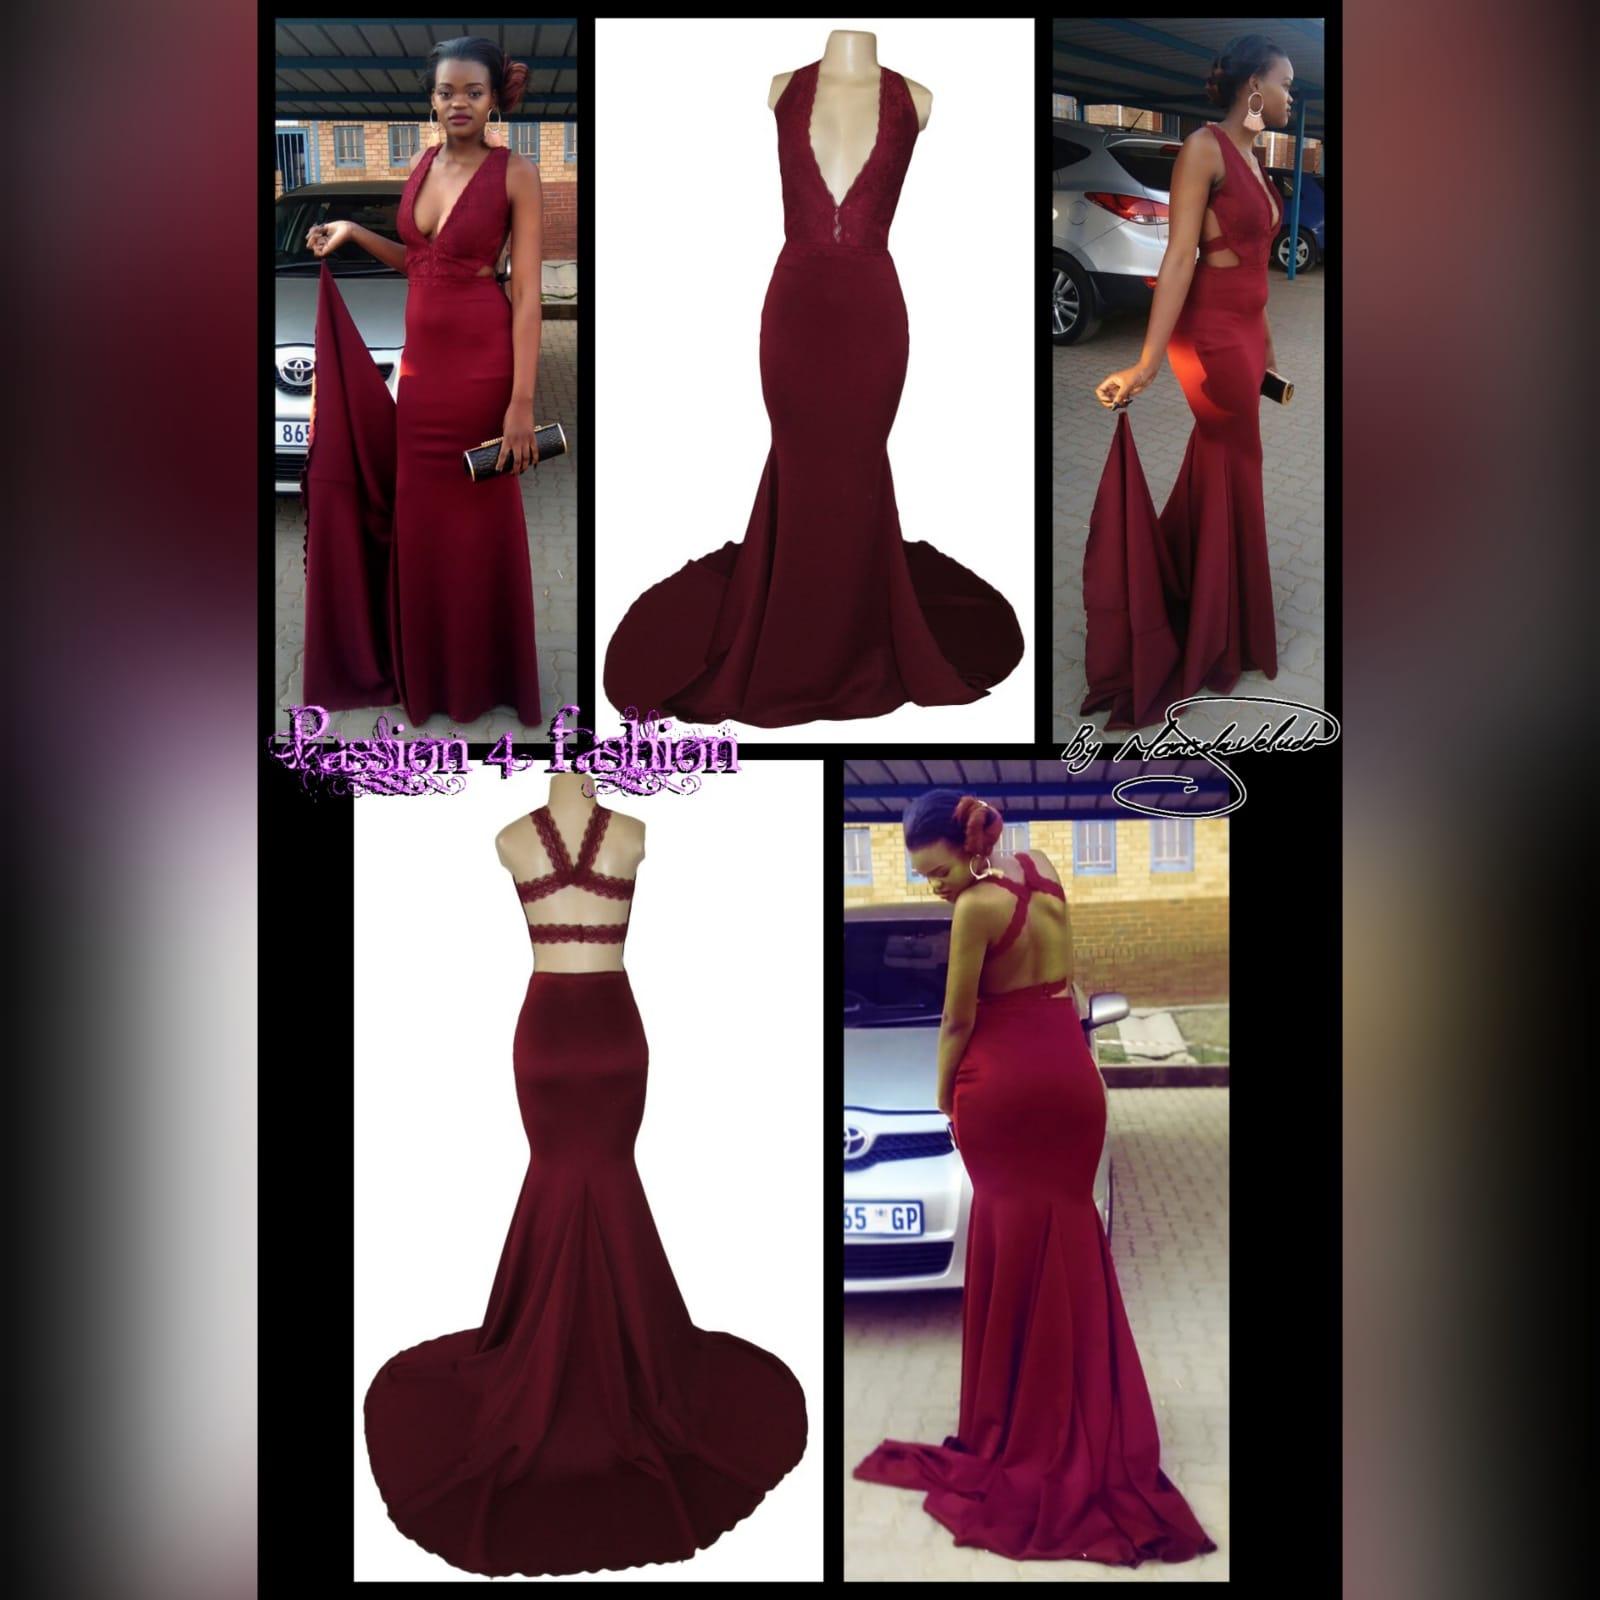 Vestido de finalistas sereia suave cor vinho 5 vestido de finalistas sereia suave cor vinho, com corpete de renda, decote profundo, com uma cauda e uma abertura nas costas detalhada com tiras de renda.